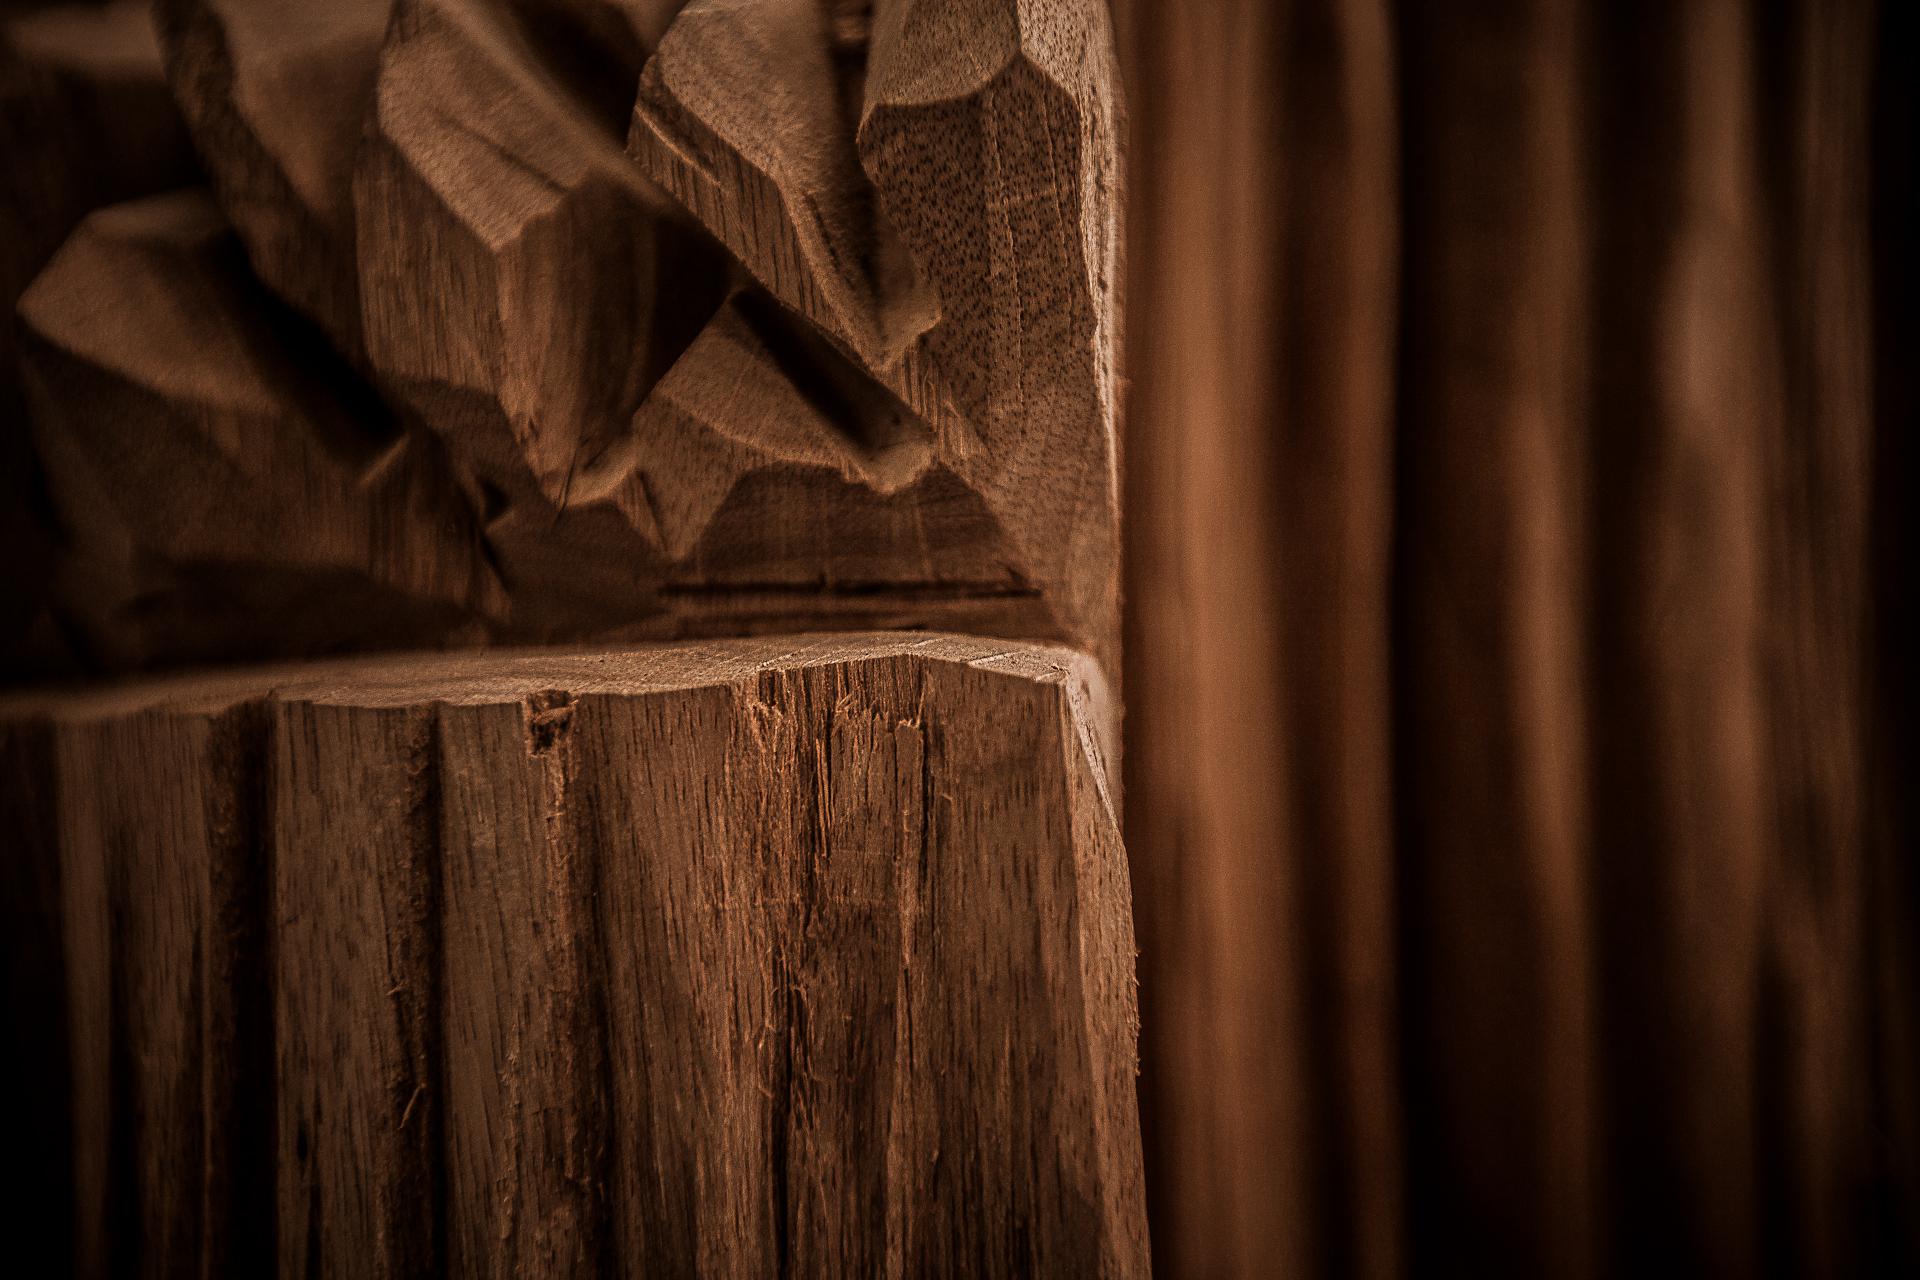 Fotografia-Photography-Alberto-Carneiro-Escultura-Sculpture-Bronze-Madeira-Wood-Basalto-Basalt-Fabrica-Santo-Thyrso-Texturas-Textures-Parcial-Partial-bonjourmolotov-Andre-Gigante-21